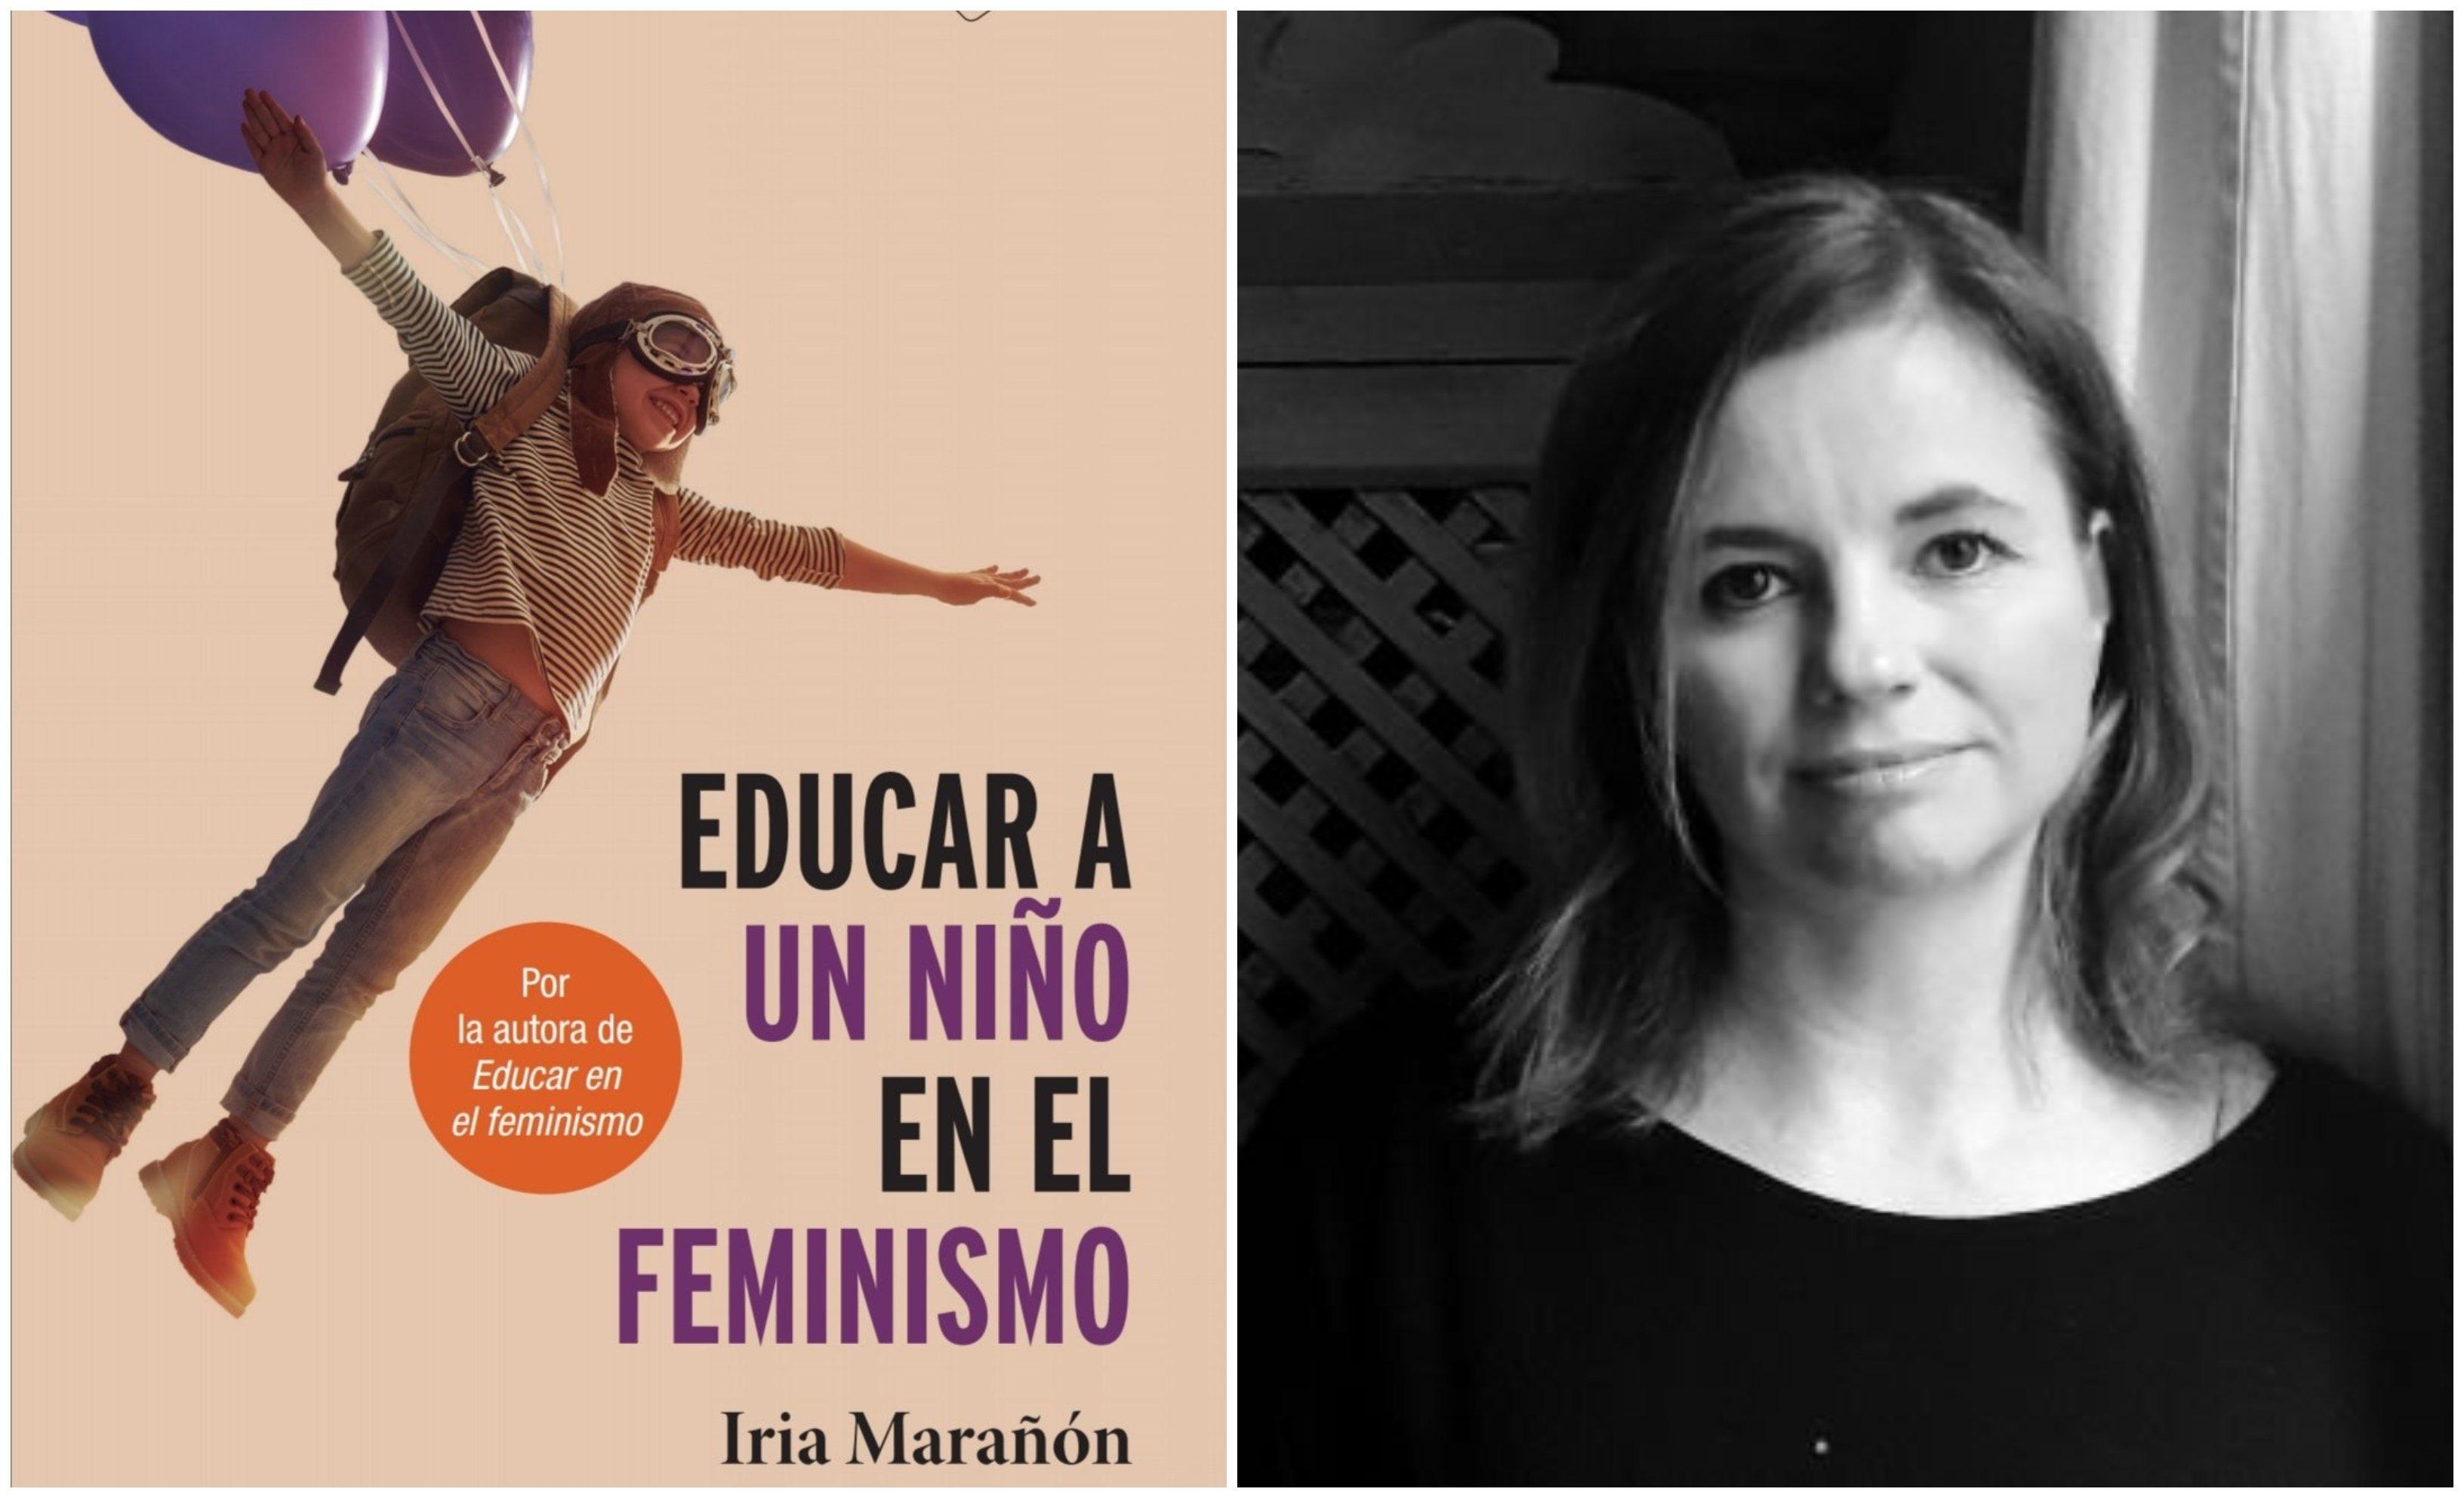 Gracias a El Pais y a la escritora Iria Marañón sabemos, científicamente, que las mujeres son superiores a los hombres